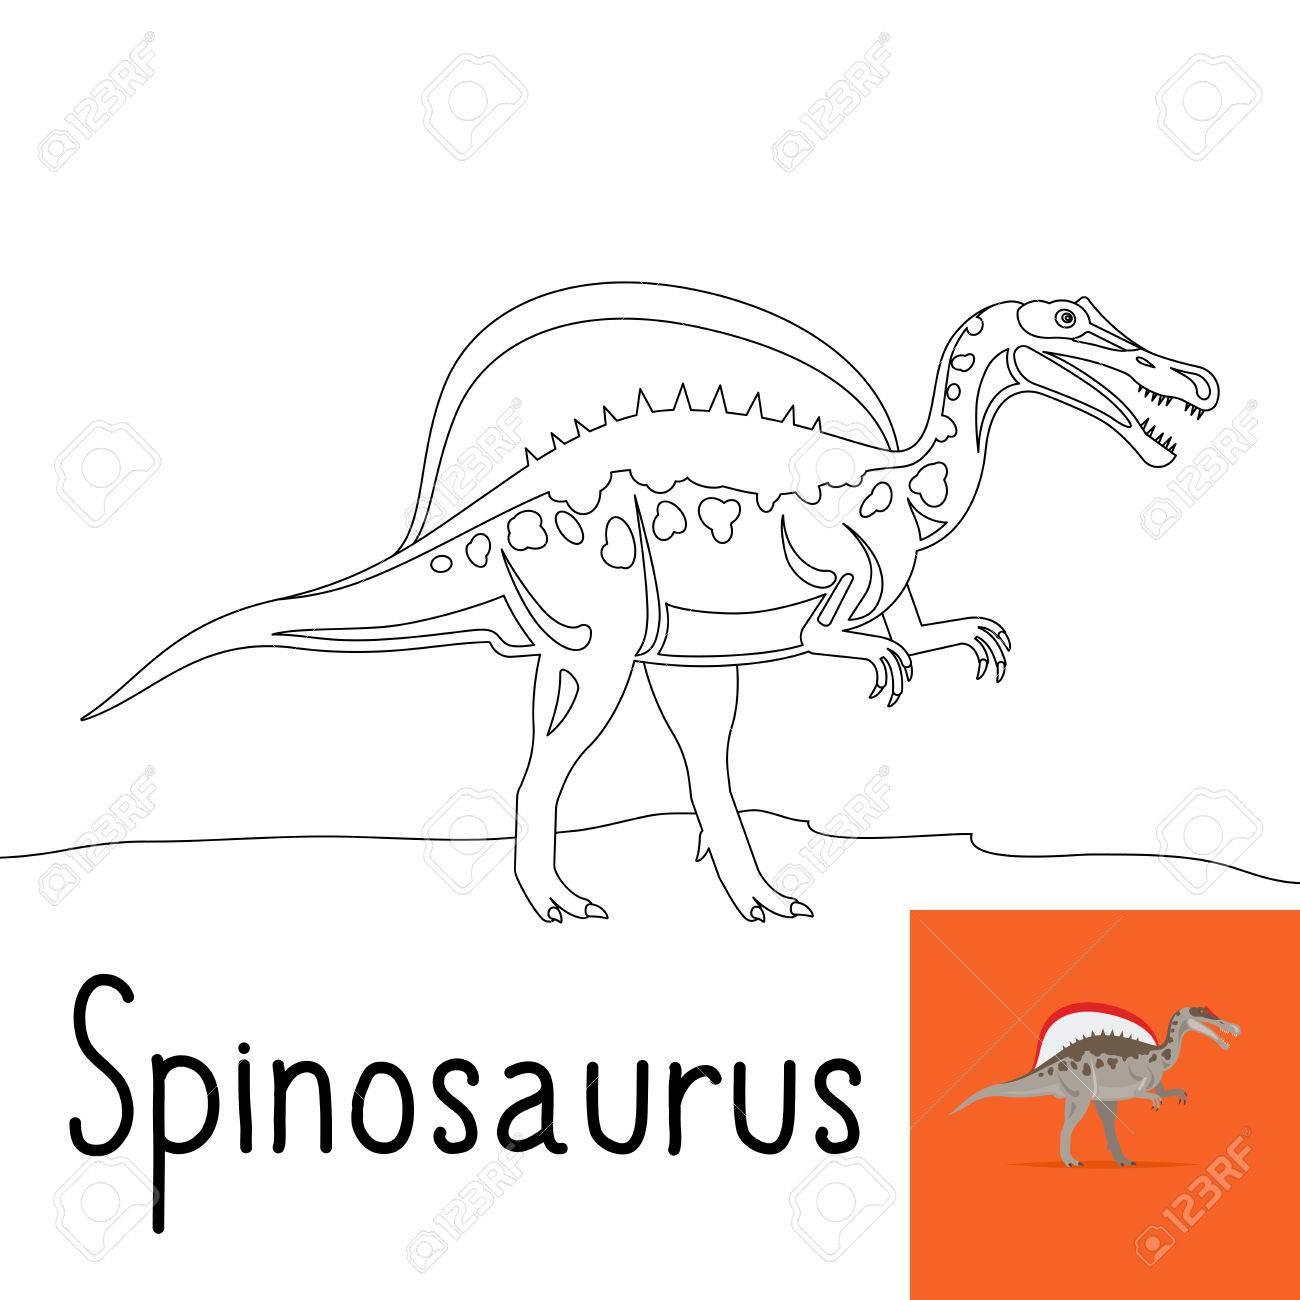 Dibujo Para Colorear Para Los Niños Con Spinosaurus Dinosaurio Y